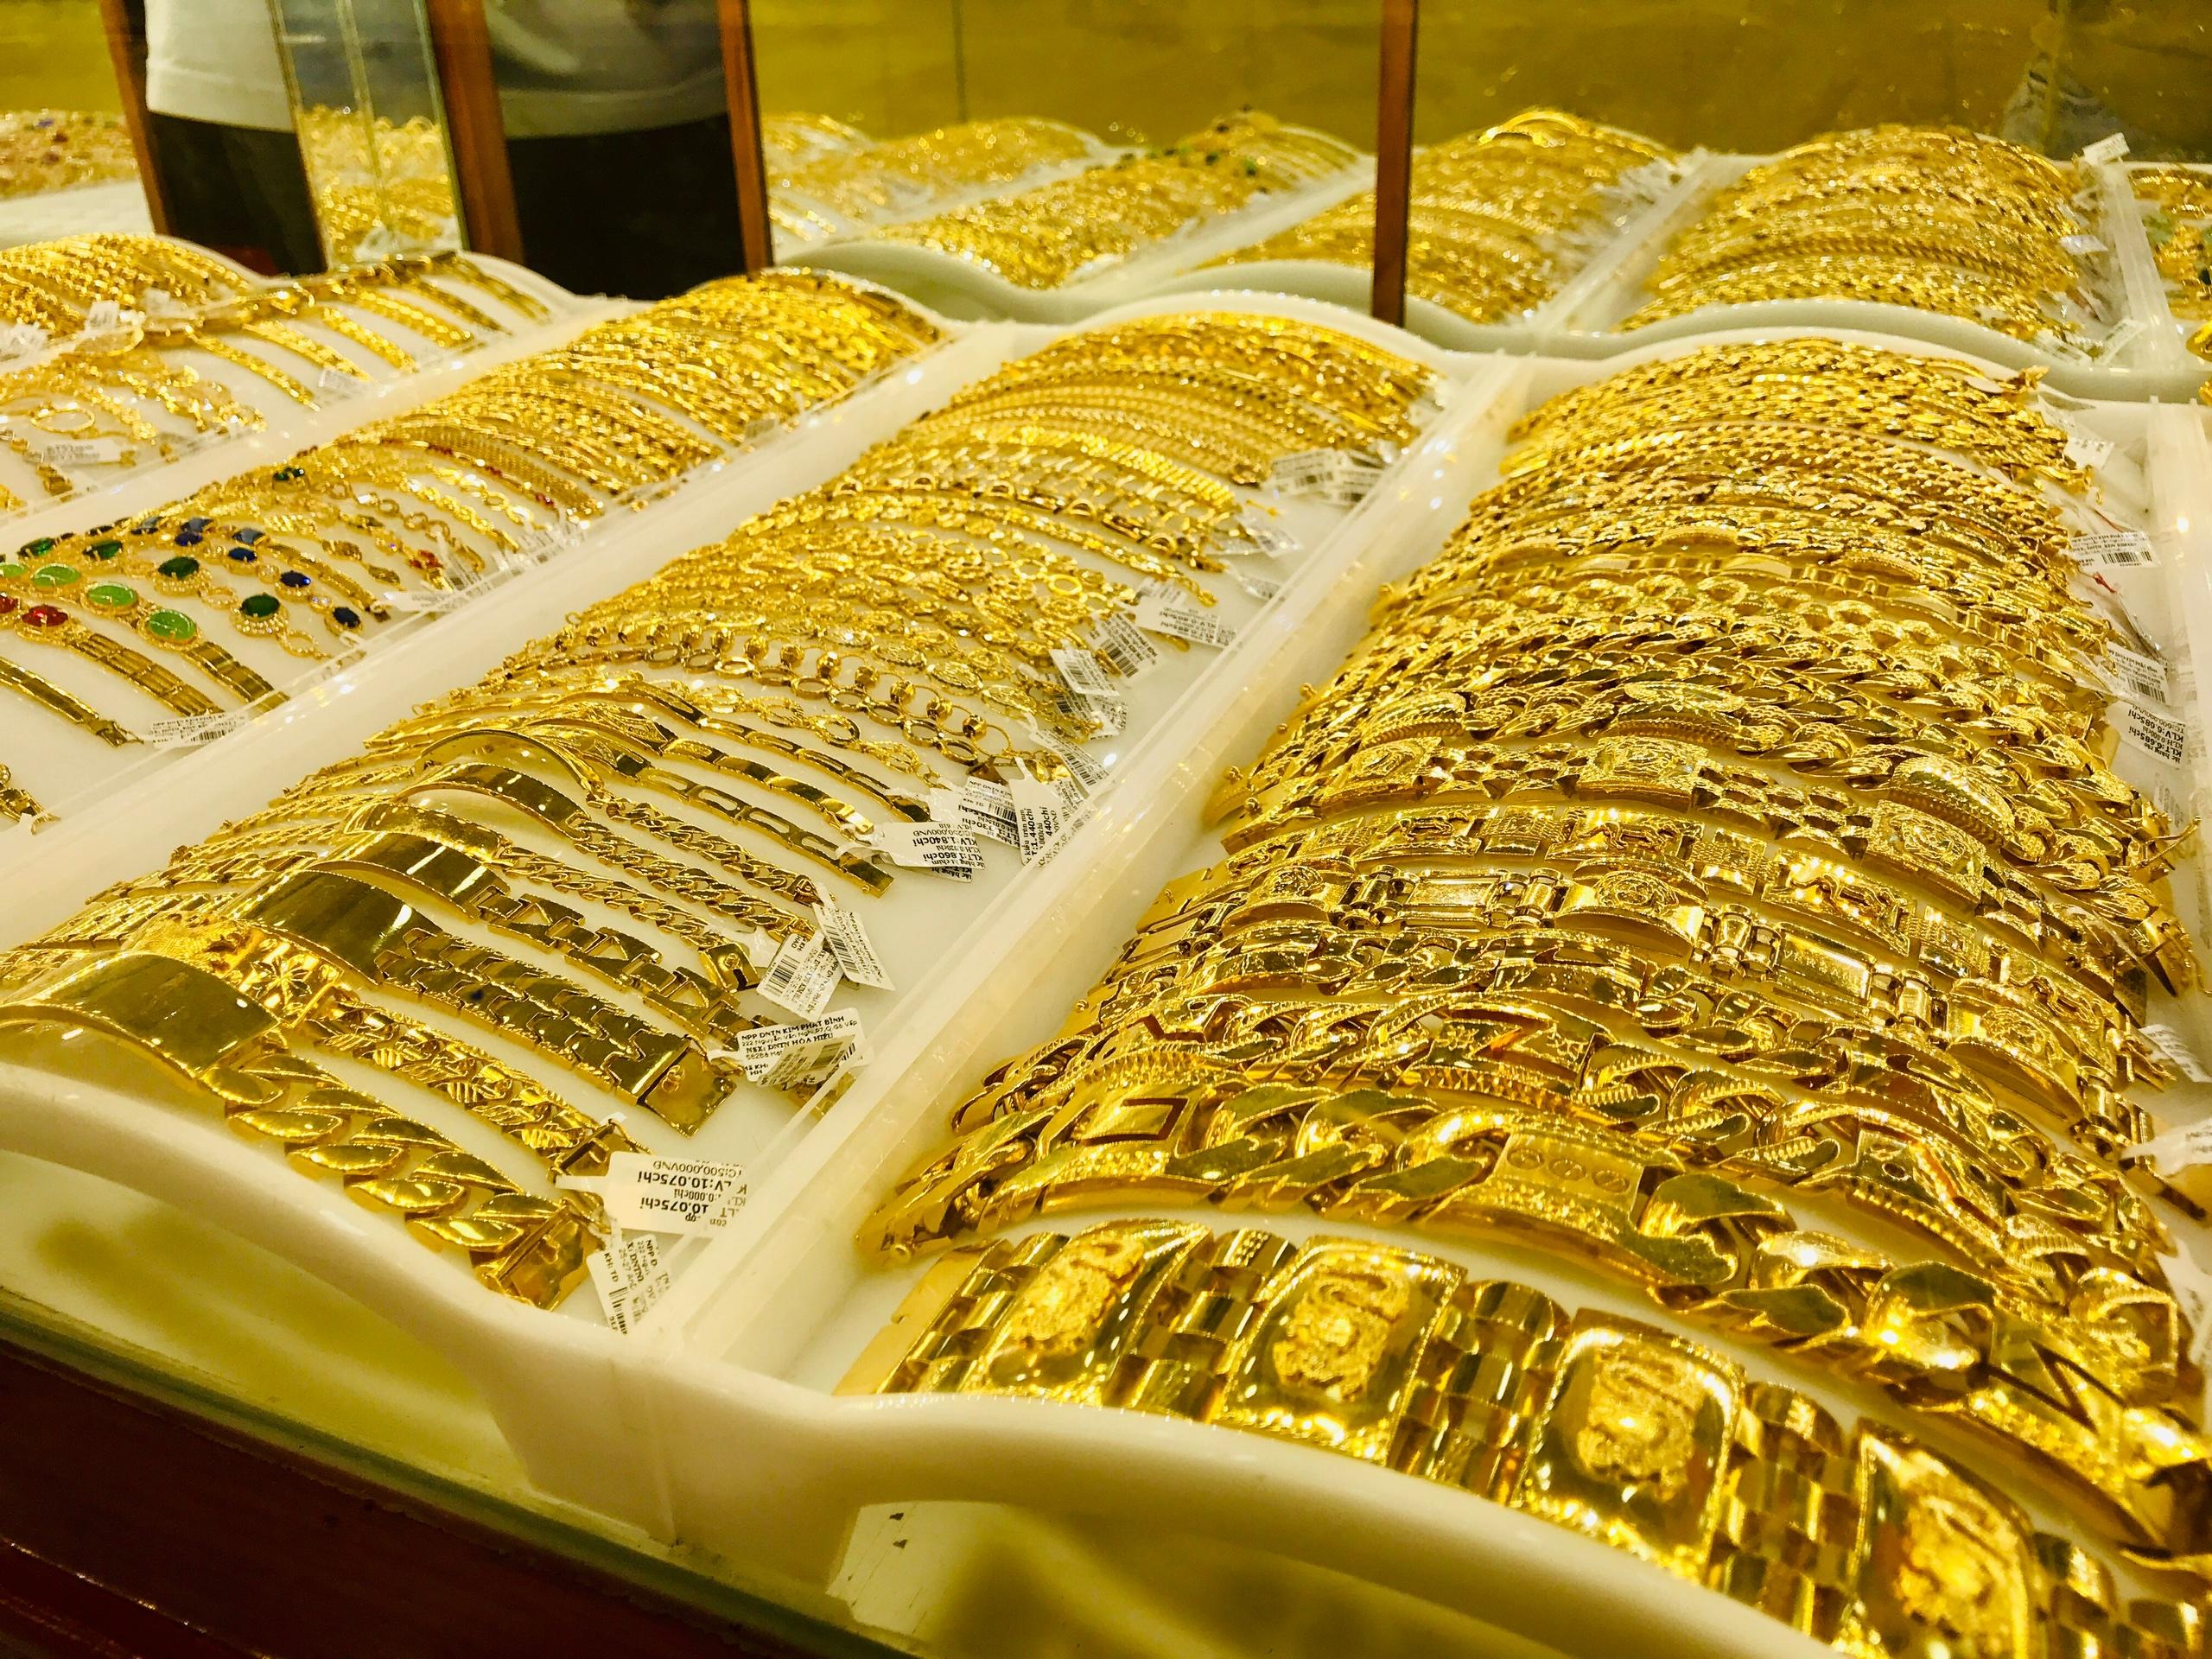 Mổ xẻ nguyên nhân khiến giá vàng lên 'cơn điên' và vẫn chưa có dấu hiệu dừng - Ảnh 2.